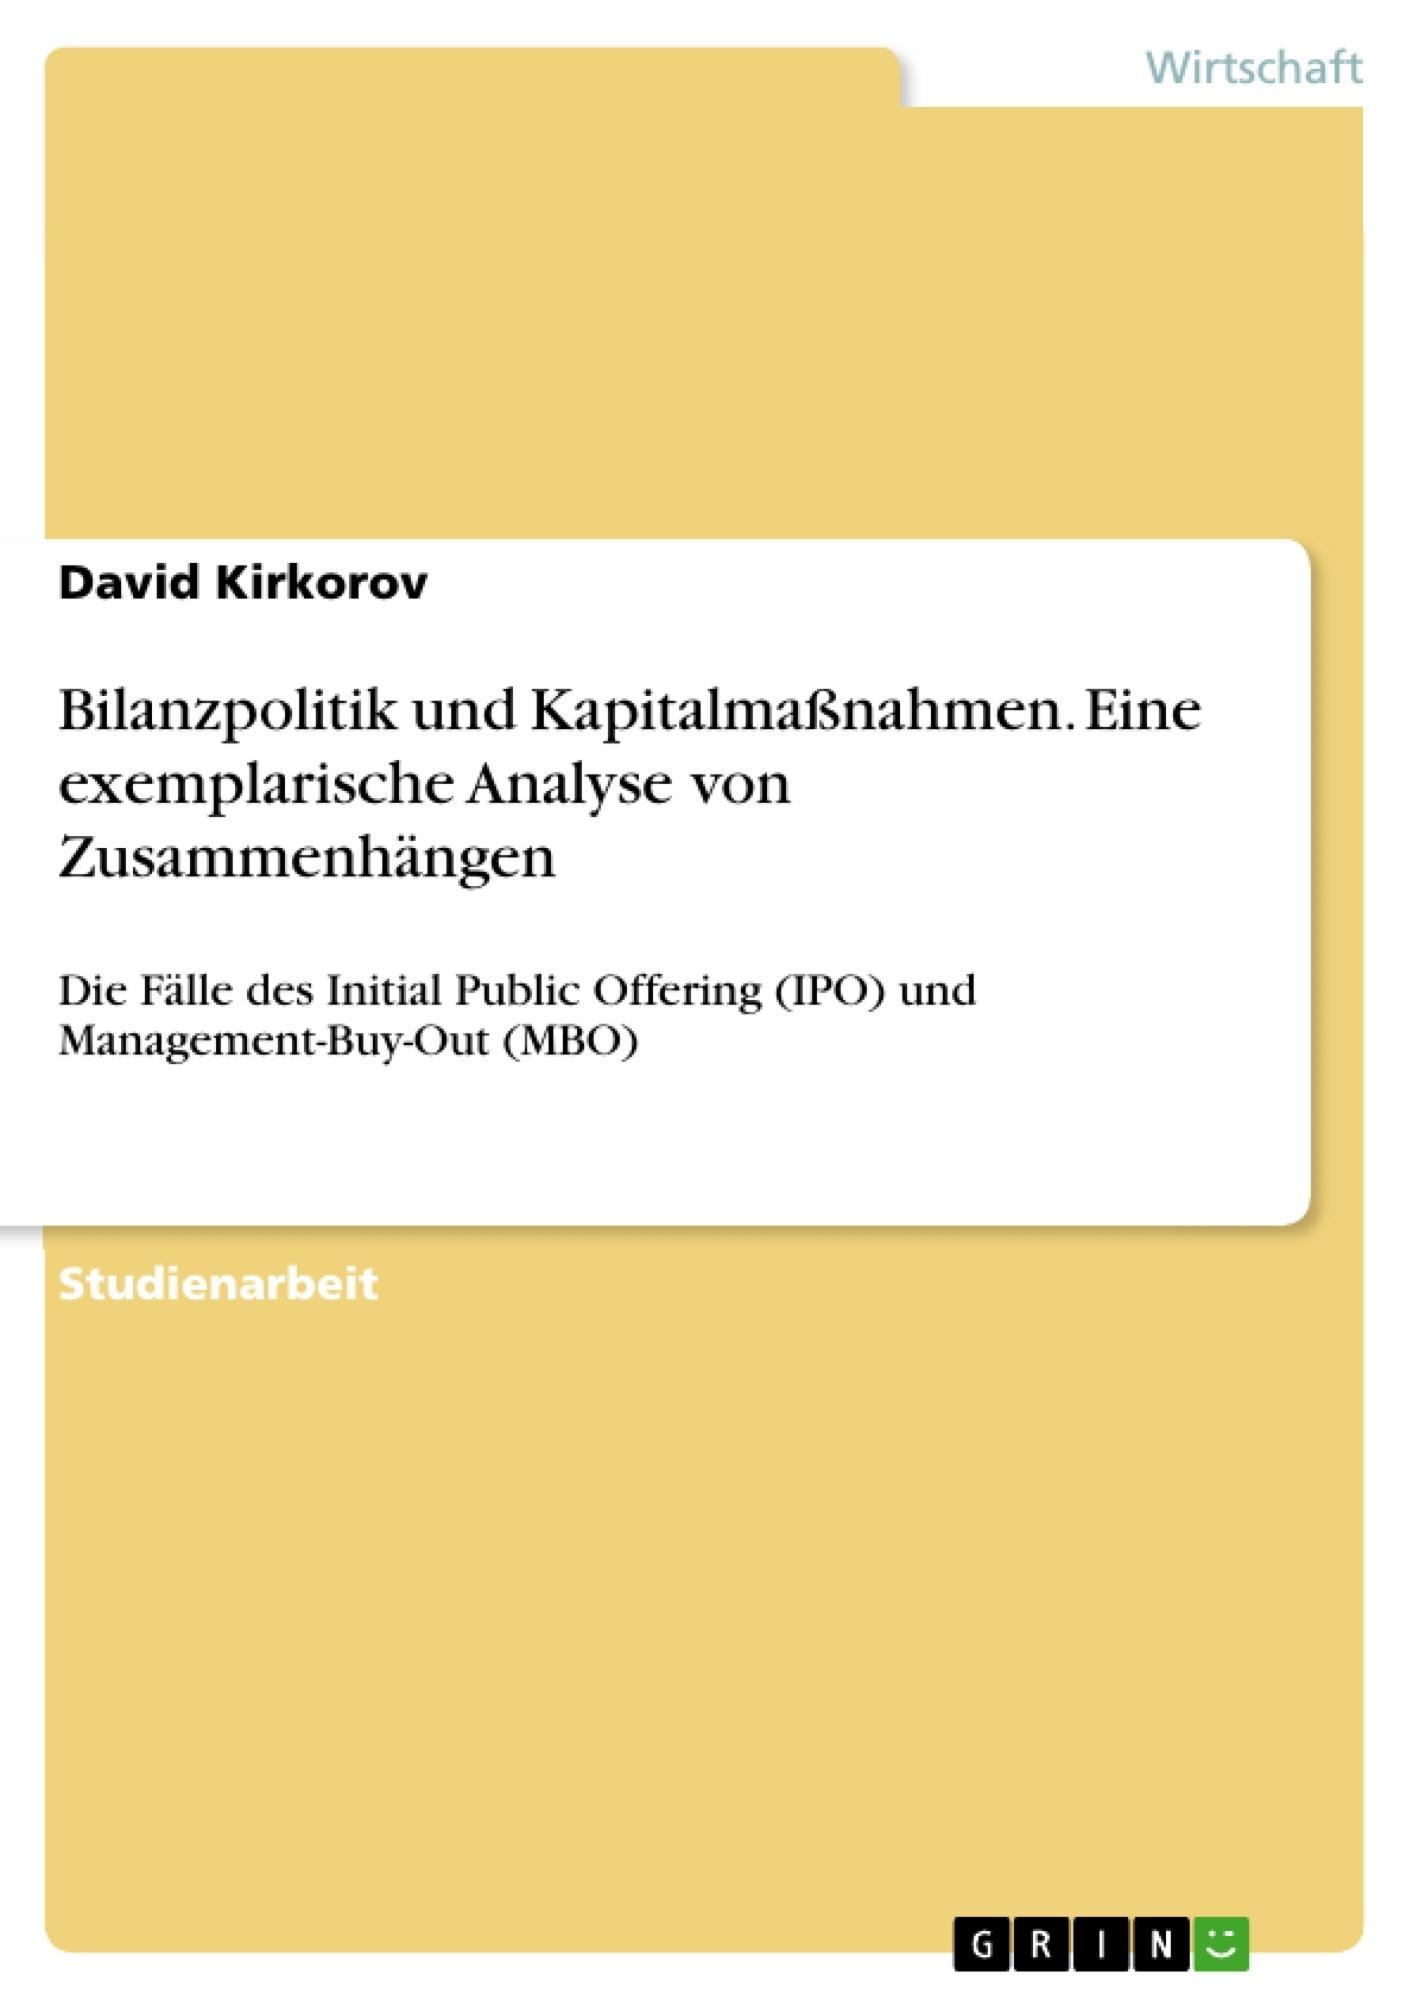 Titel: Bilanzpolitik und Kapitalmaßnahmen. Eine exemplarische Analyse von Zusammenhängen